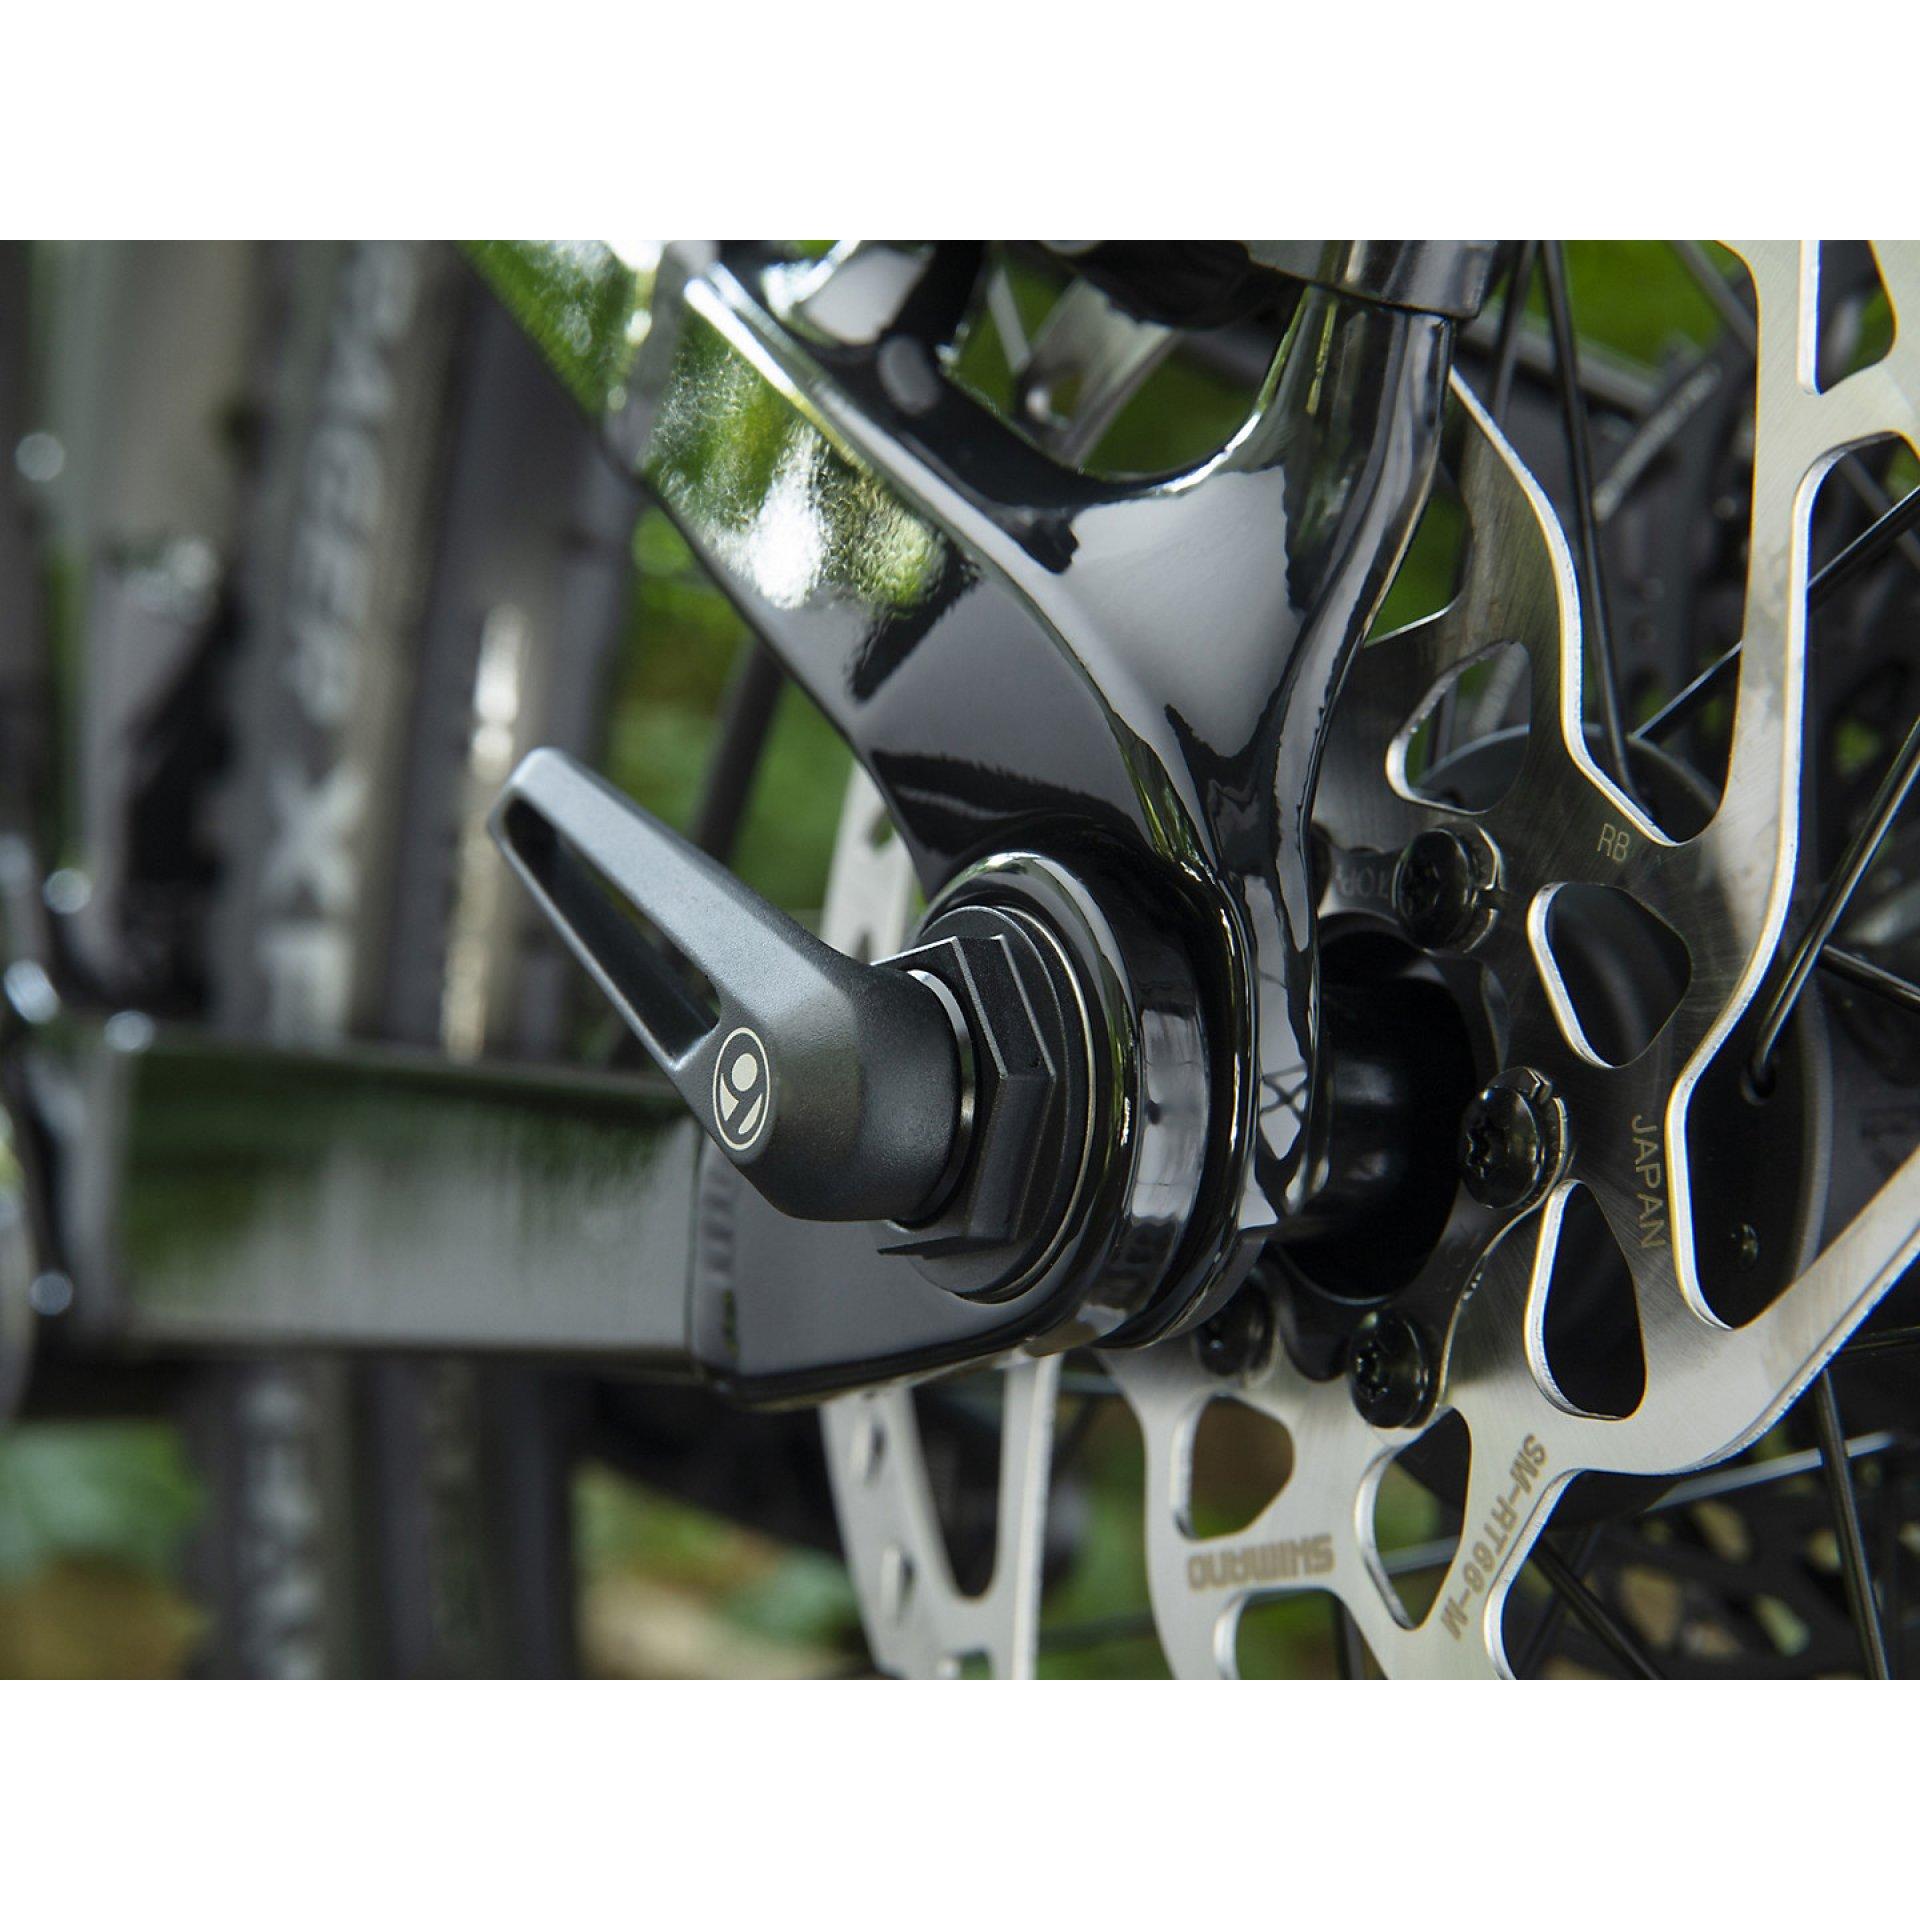 ROWER TREK FUEL EX 8 MATTE DNISTER|GLOSS TREK BLACK 29458 5